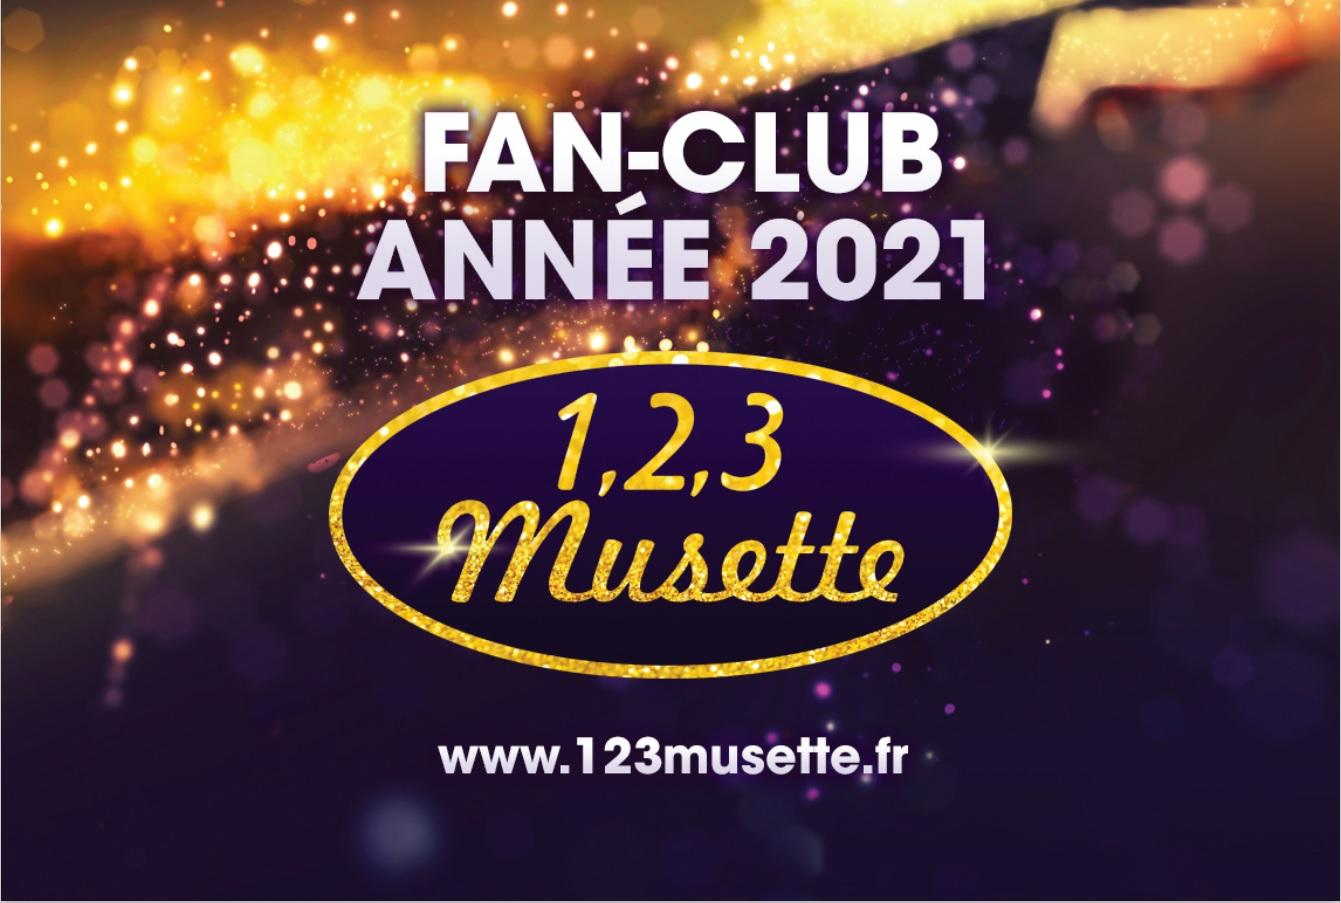 Fan club 123 musette 2021